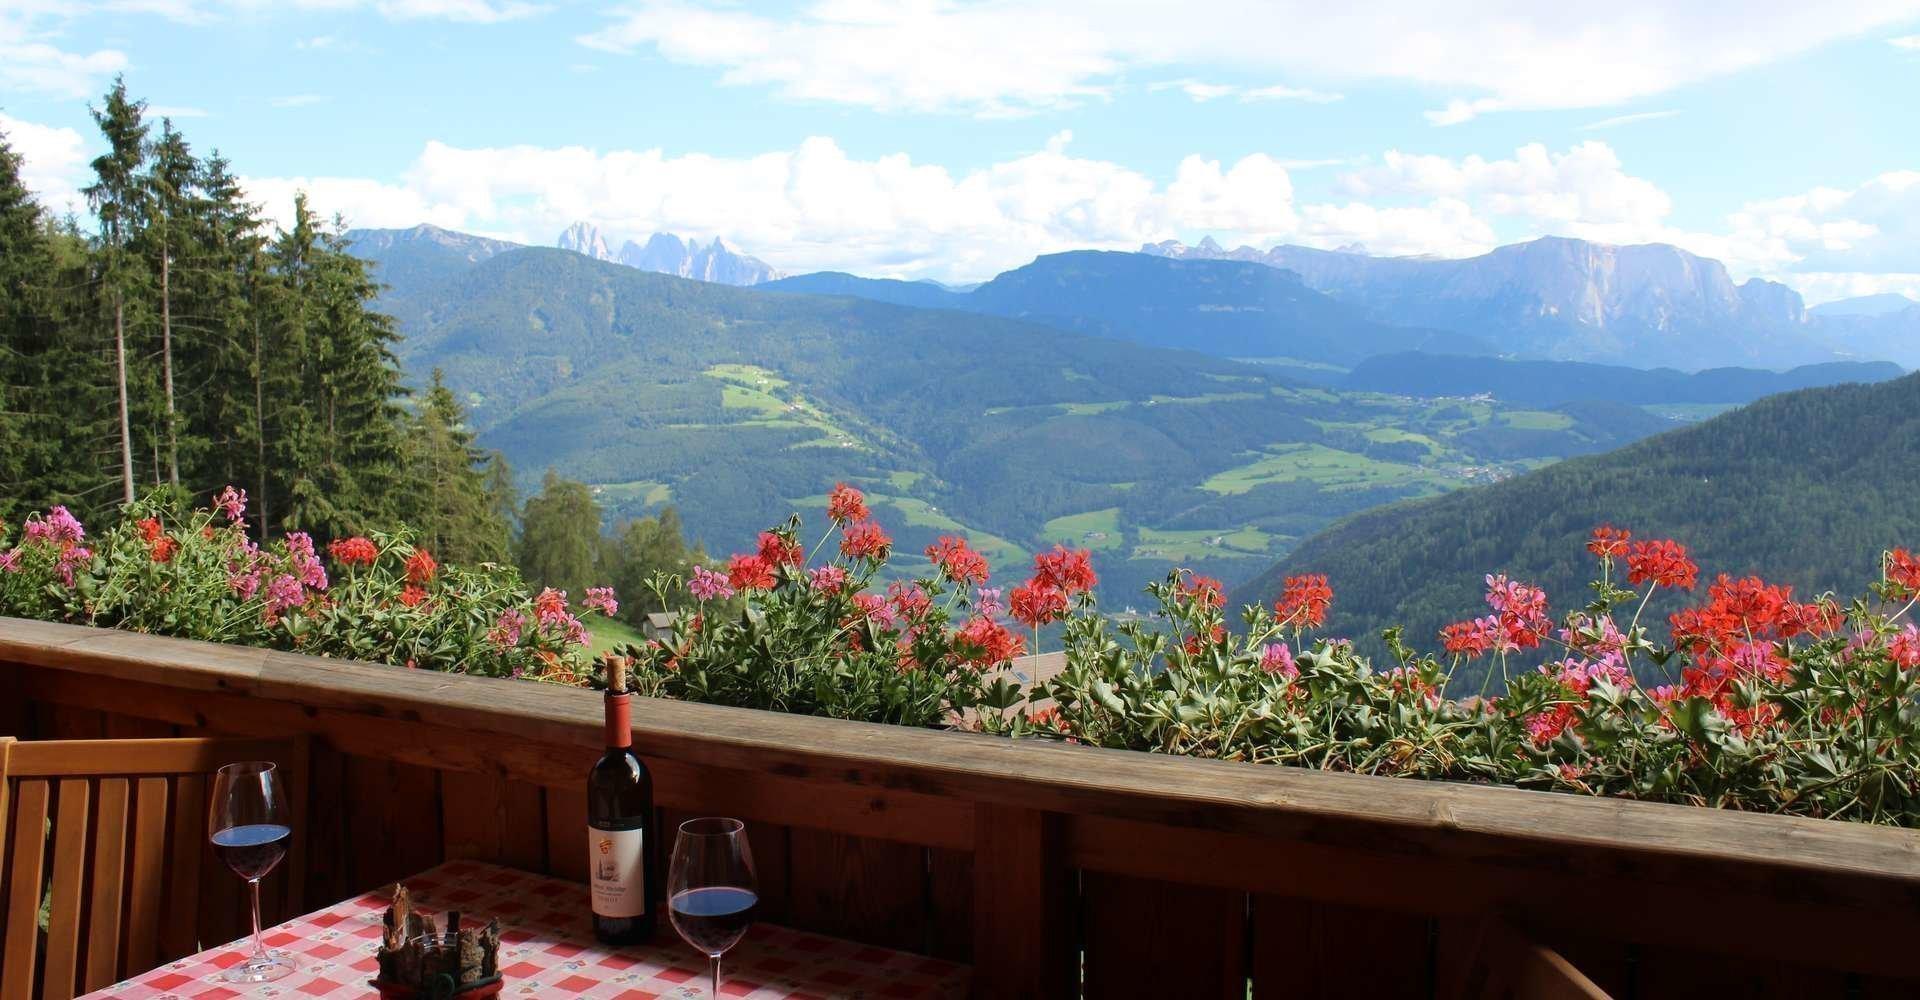 Ferienwohnungen in Klausen - Südtirol